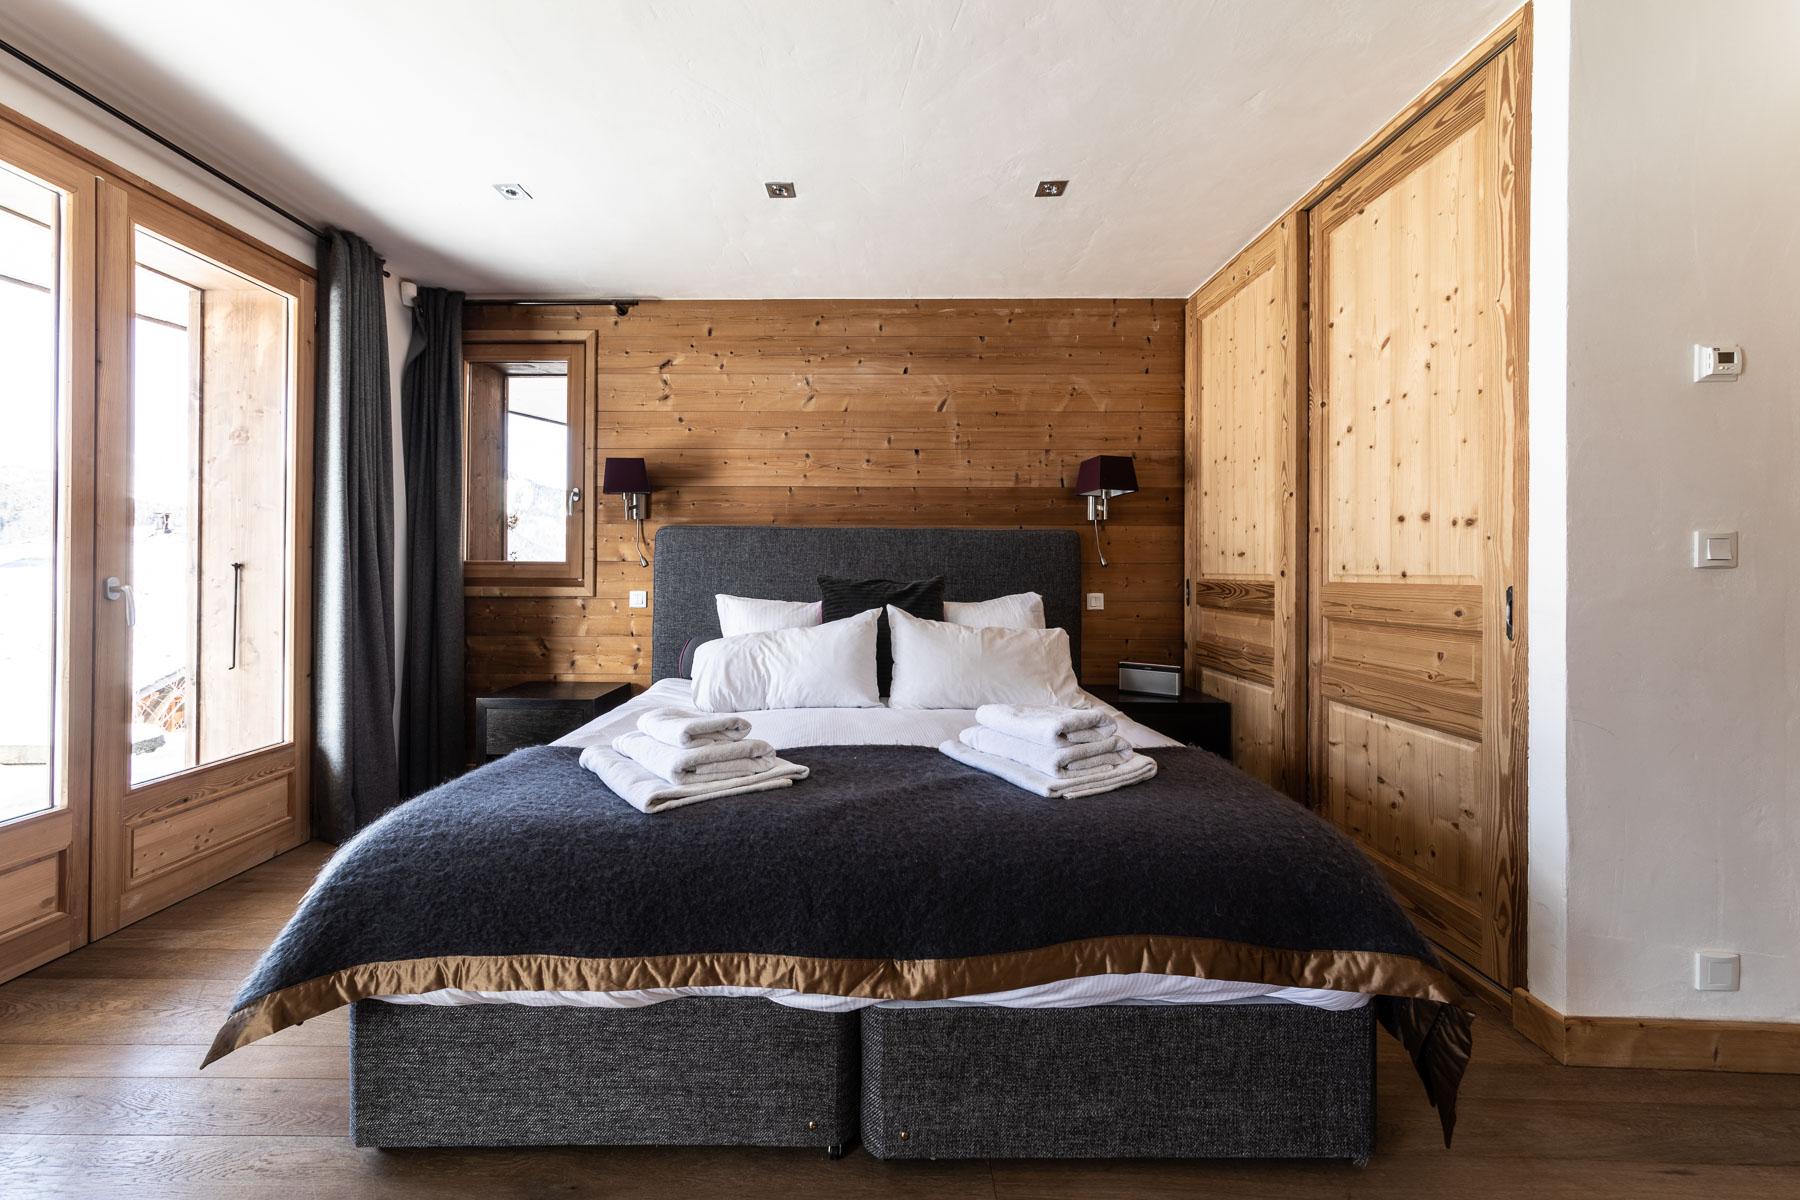 Omaroo 1 Family Bedroom